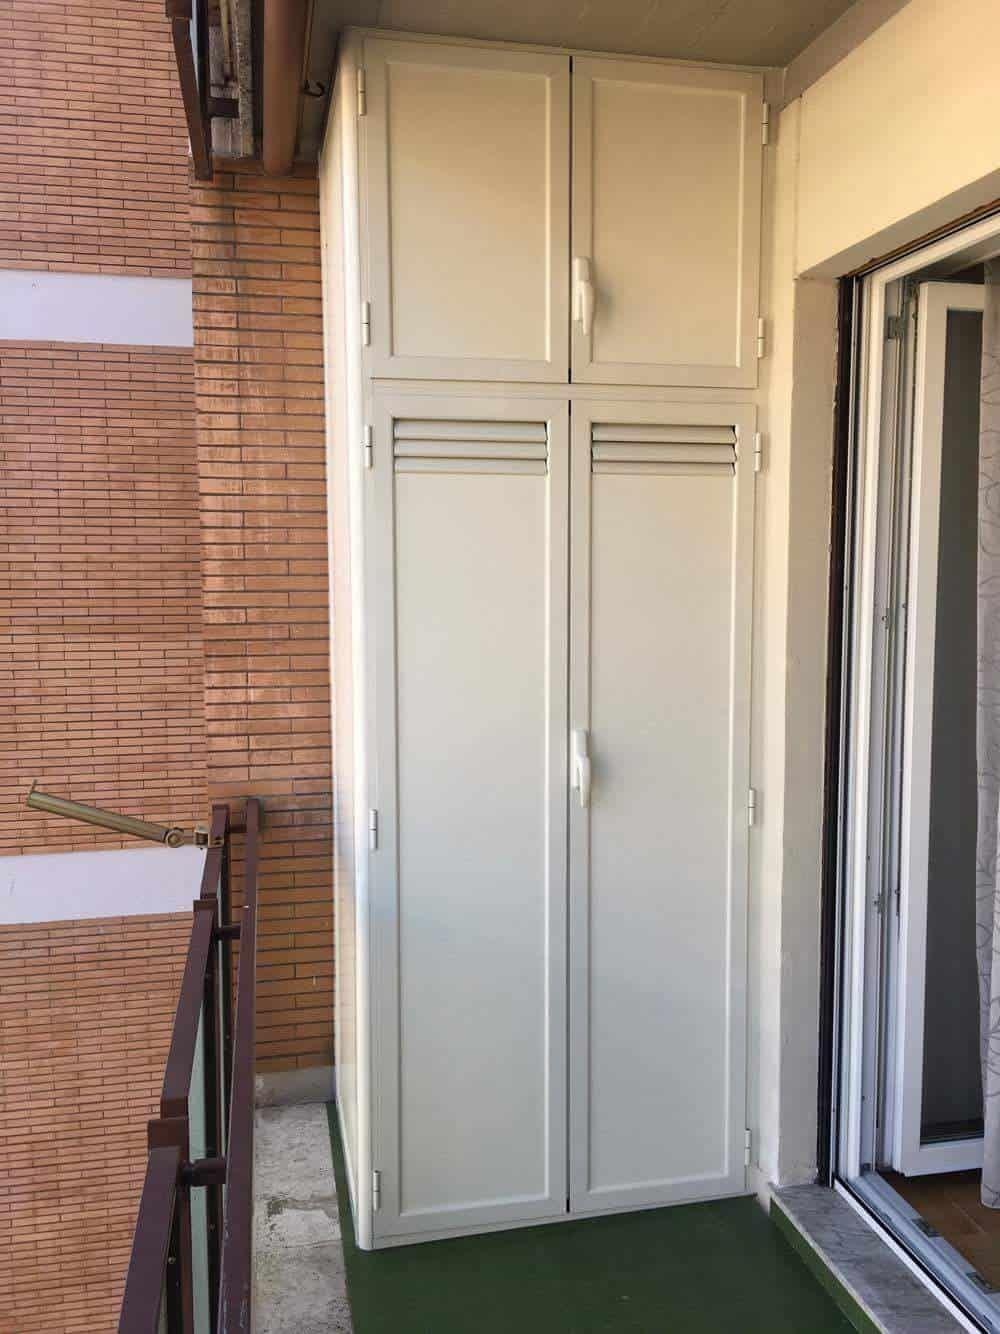 Armadi In Alluminio Per Balconi.Fotografia Di Un Armadio In Alluminio Verniciato Avorio